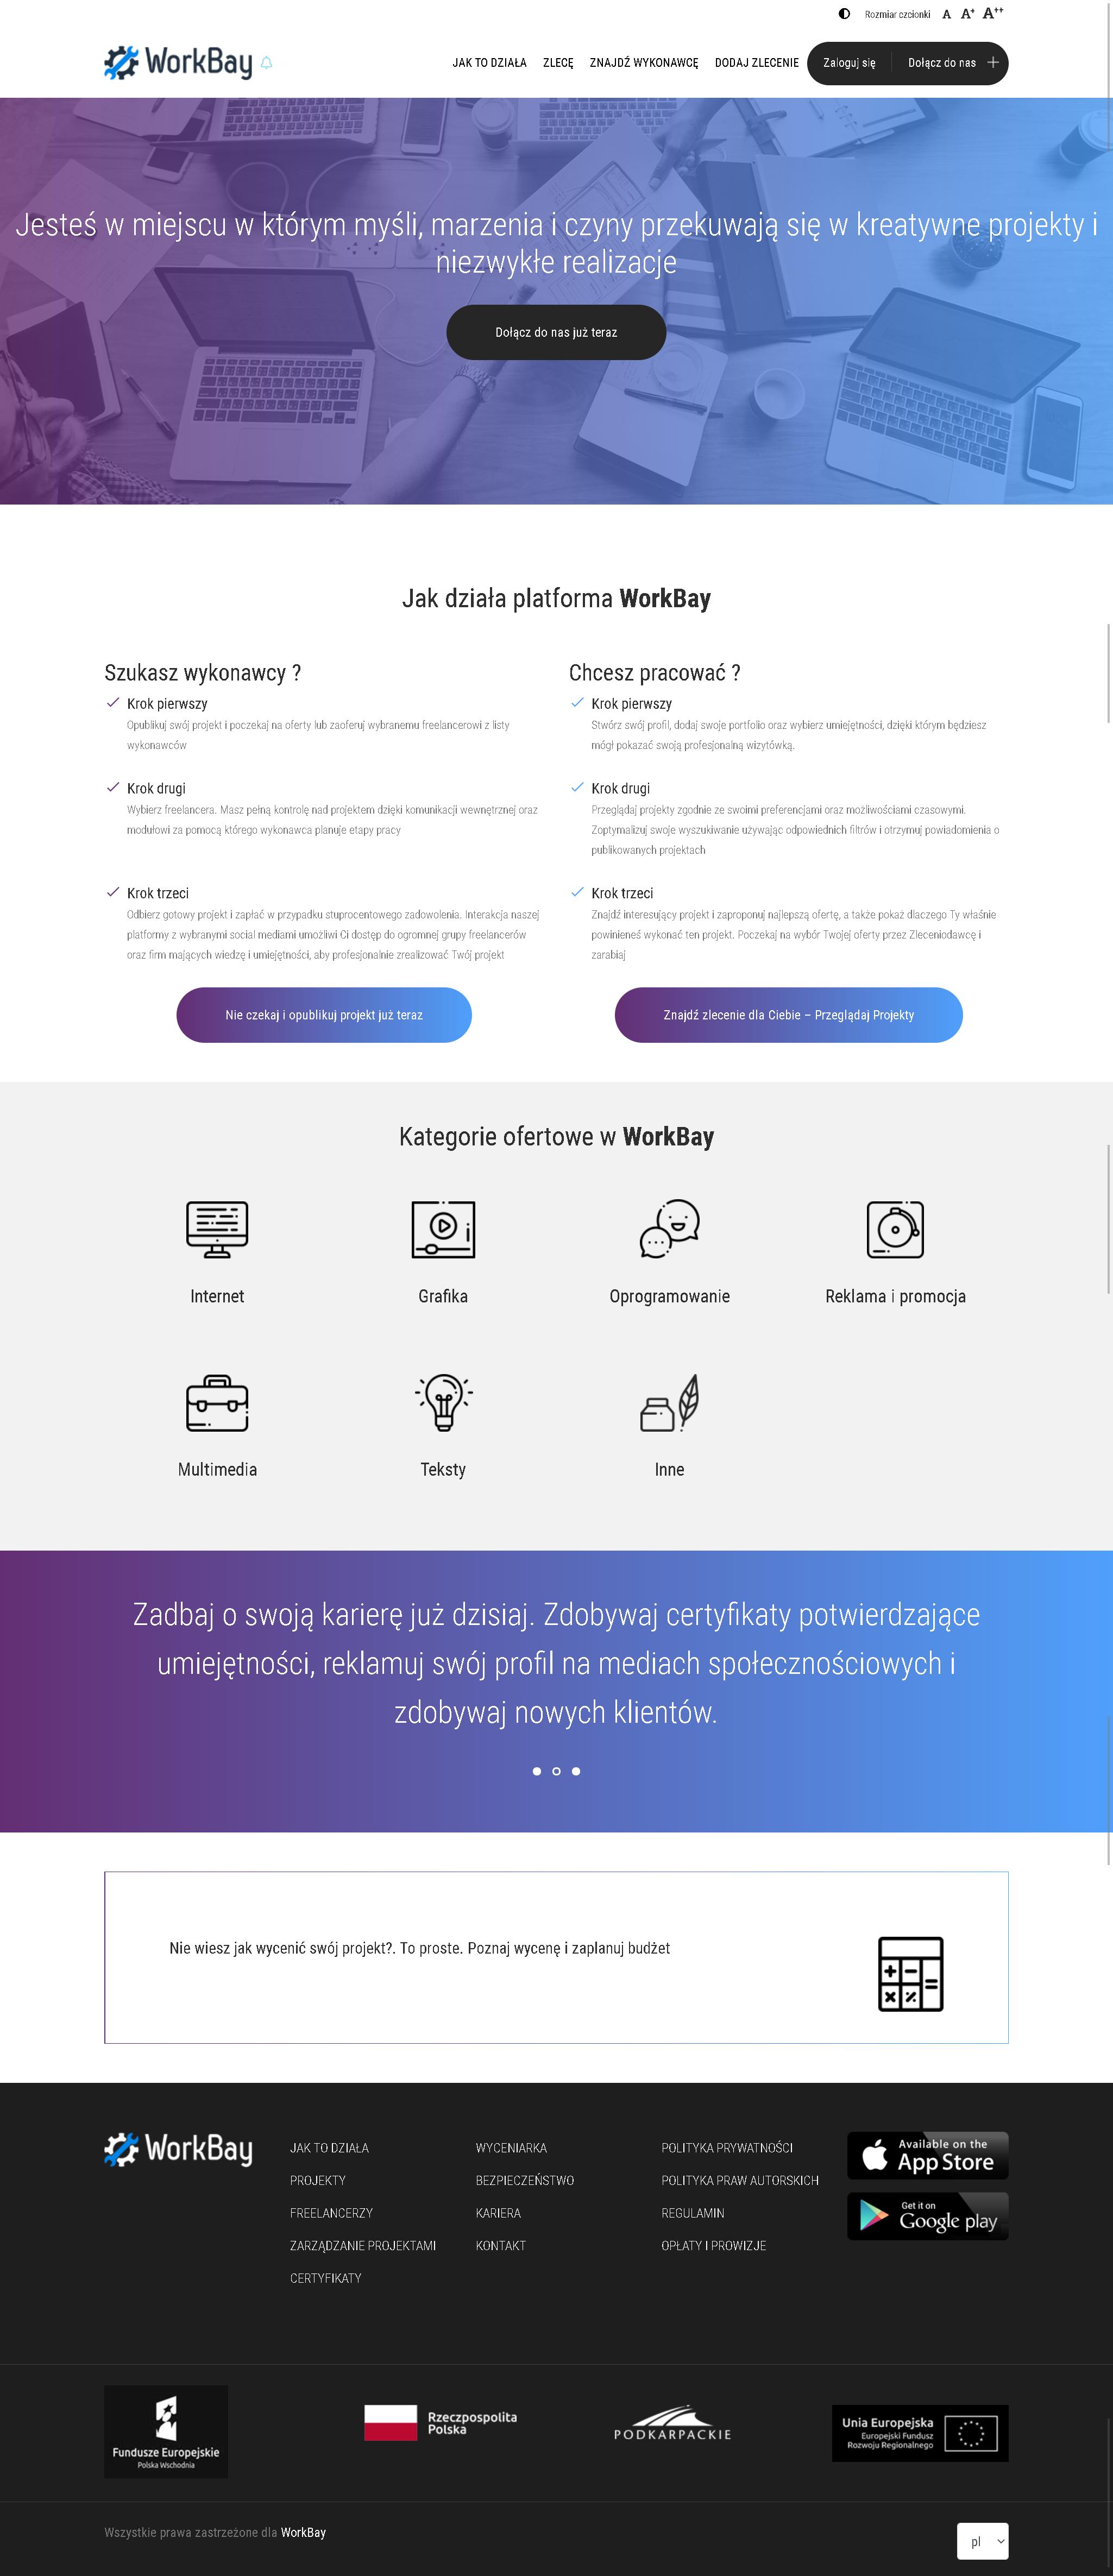 WorkBay - portal pośrednictwa pracy